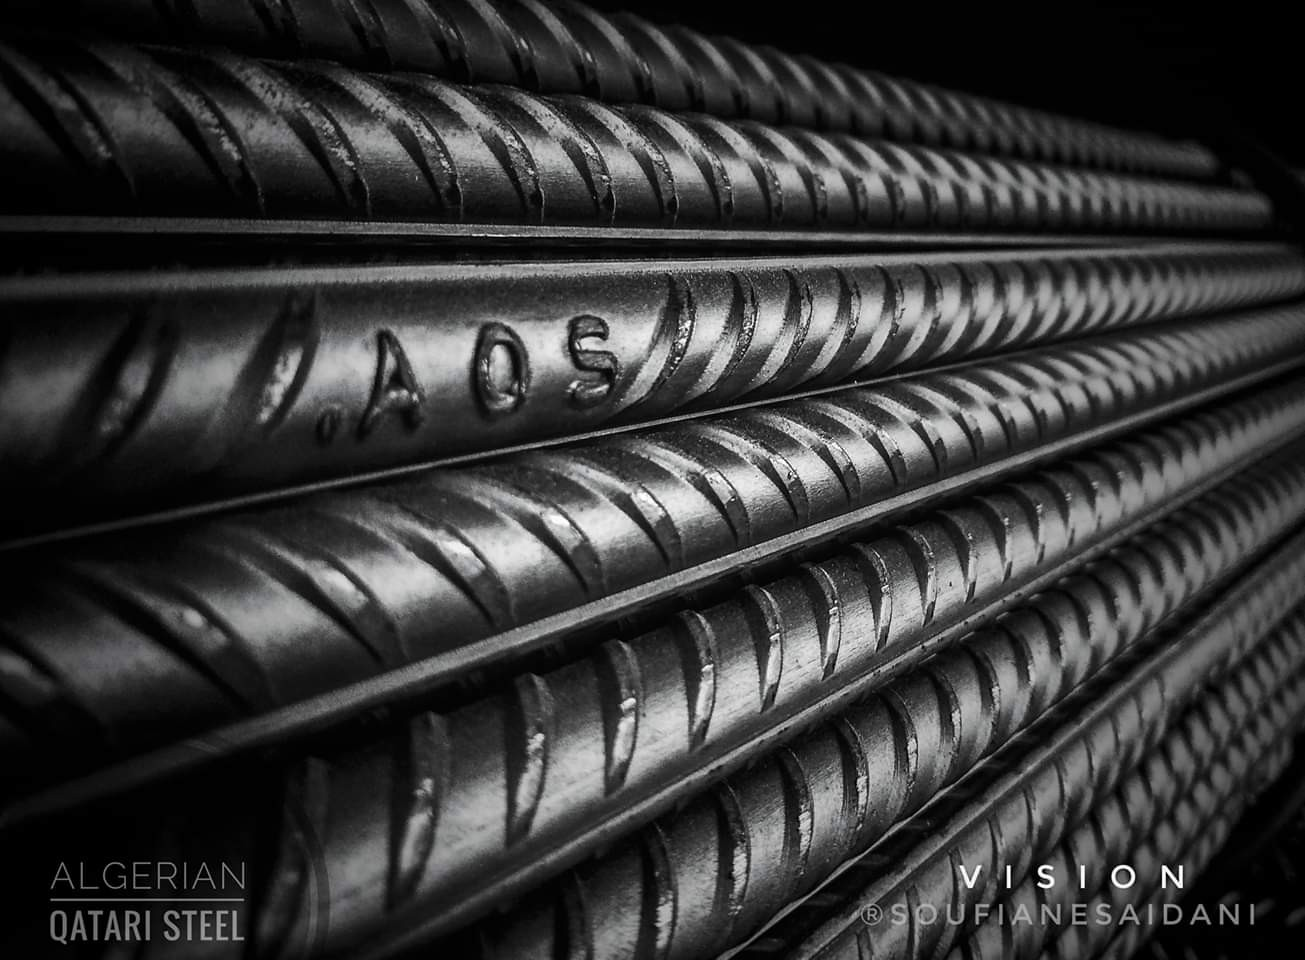 Algerian Qatari Steel AQS | LinkedIn